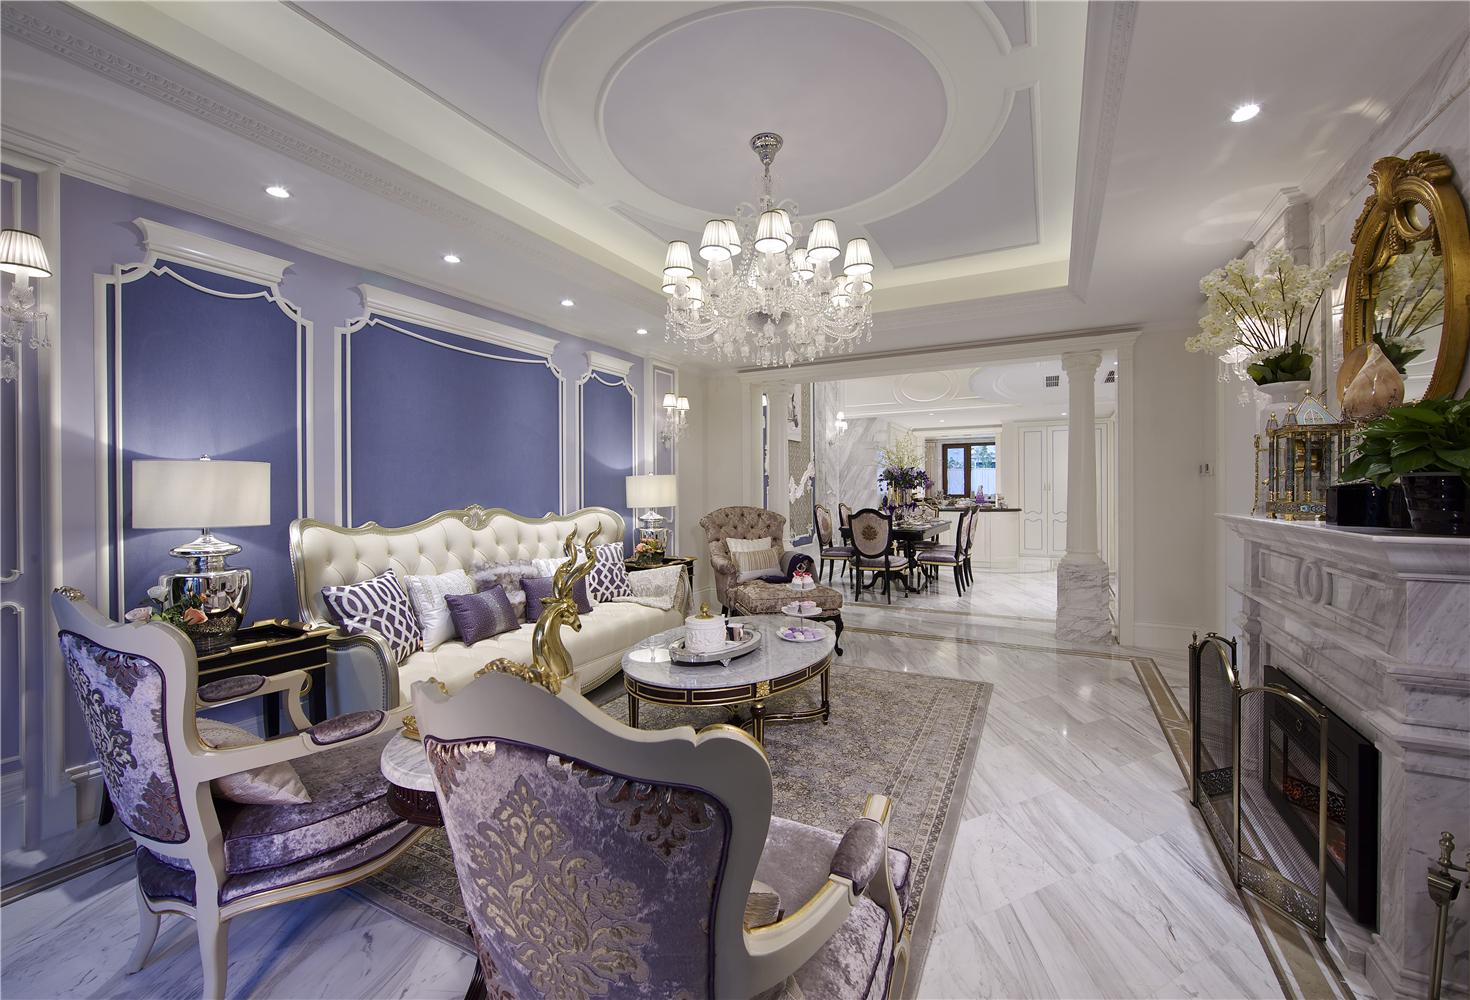 法式风格别墅客厅装修效果图